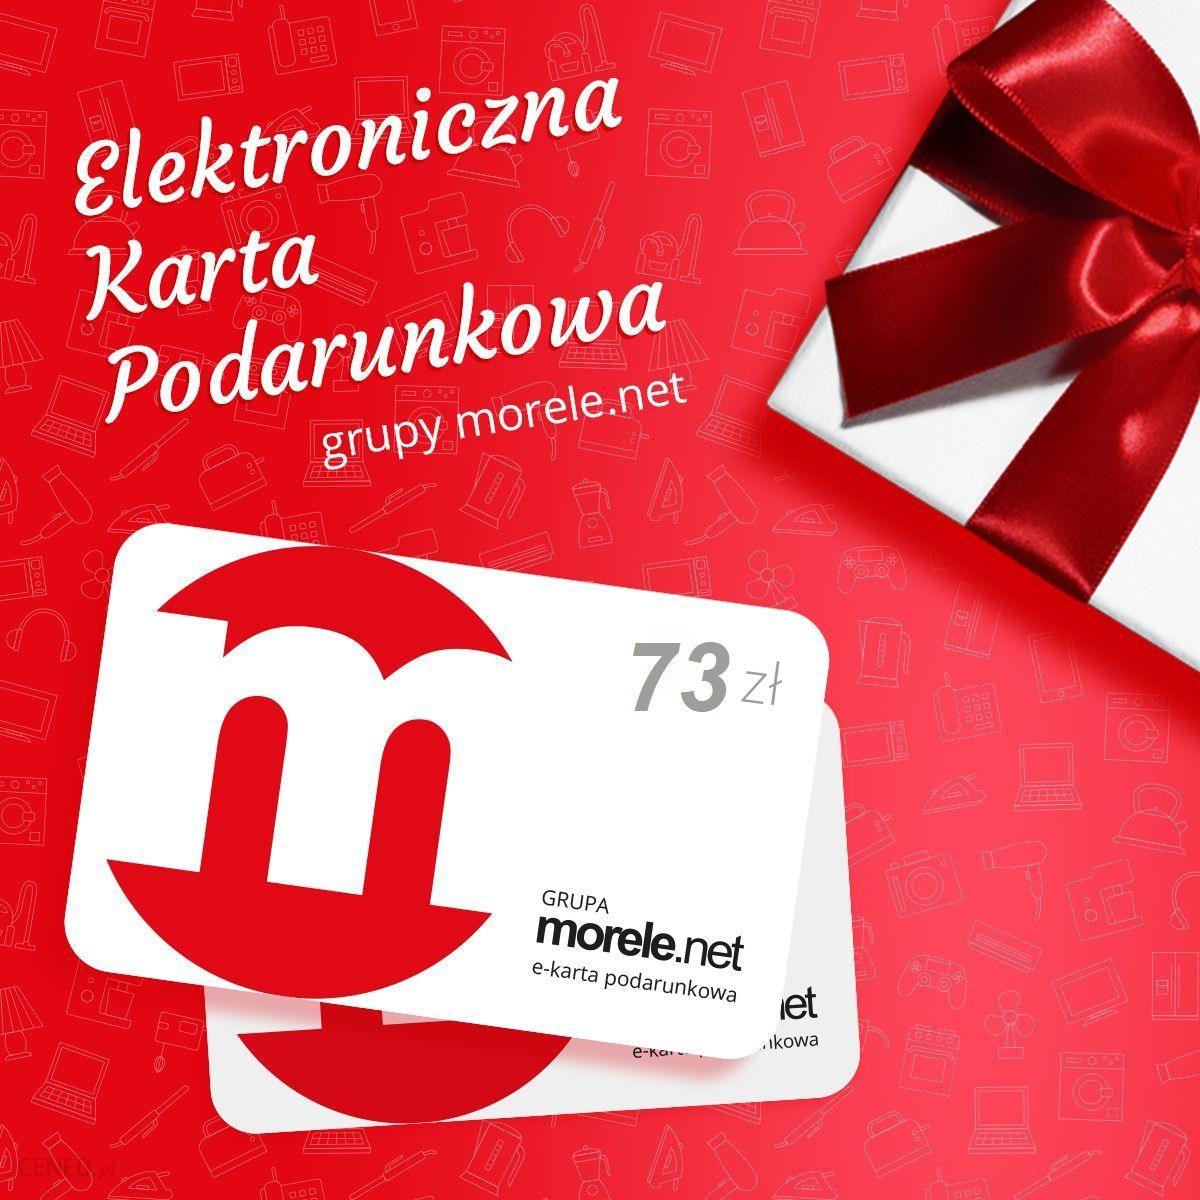 Morele Net Elektroniczna Karta Podarunkowa 73zl Ceny I Opinie